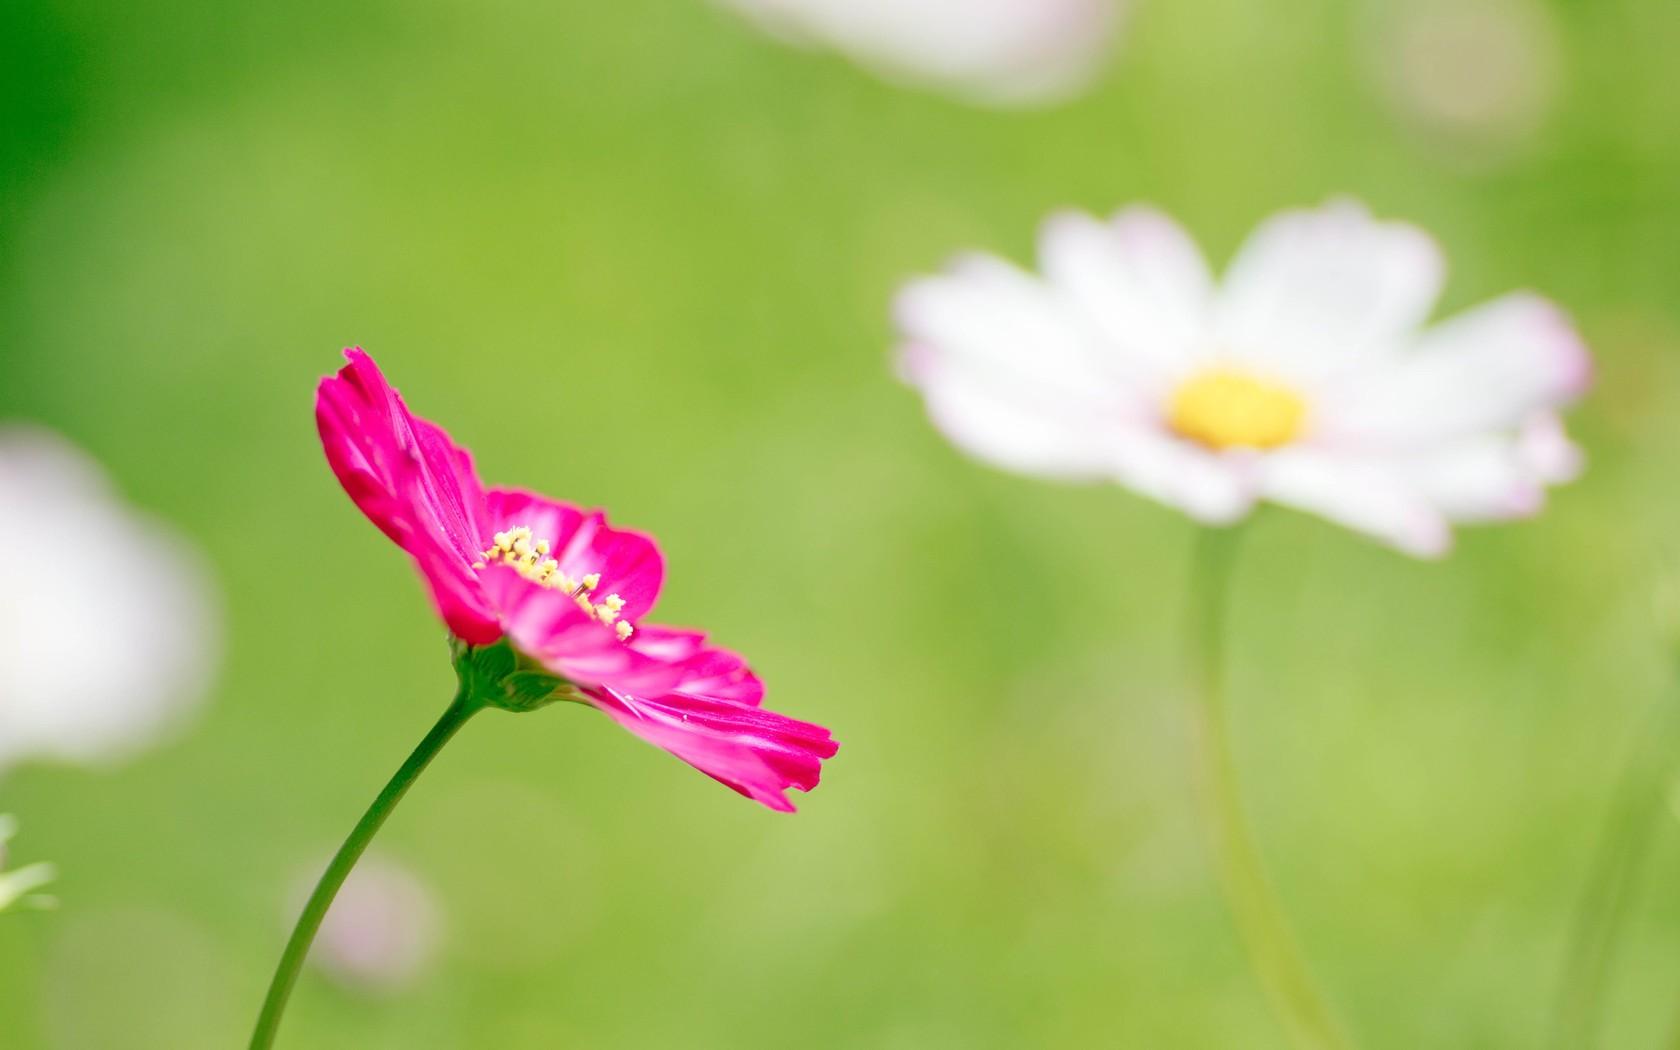 Una flor fucsia - 1680x1050